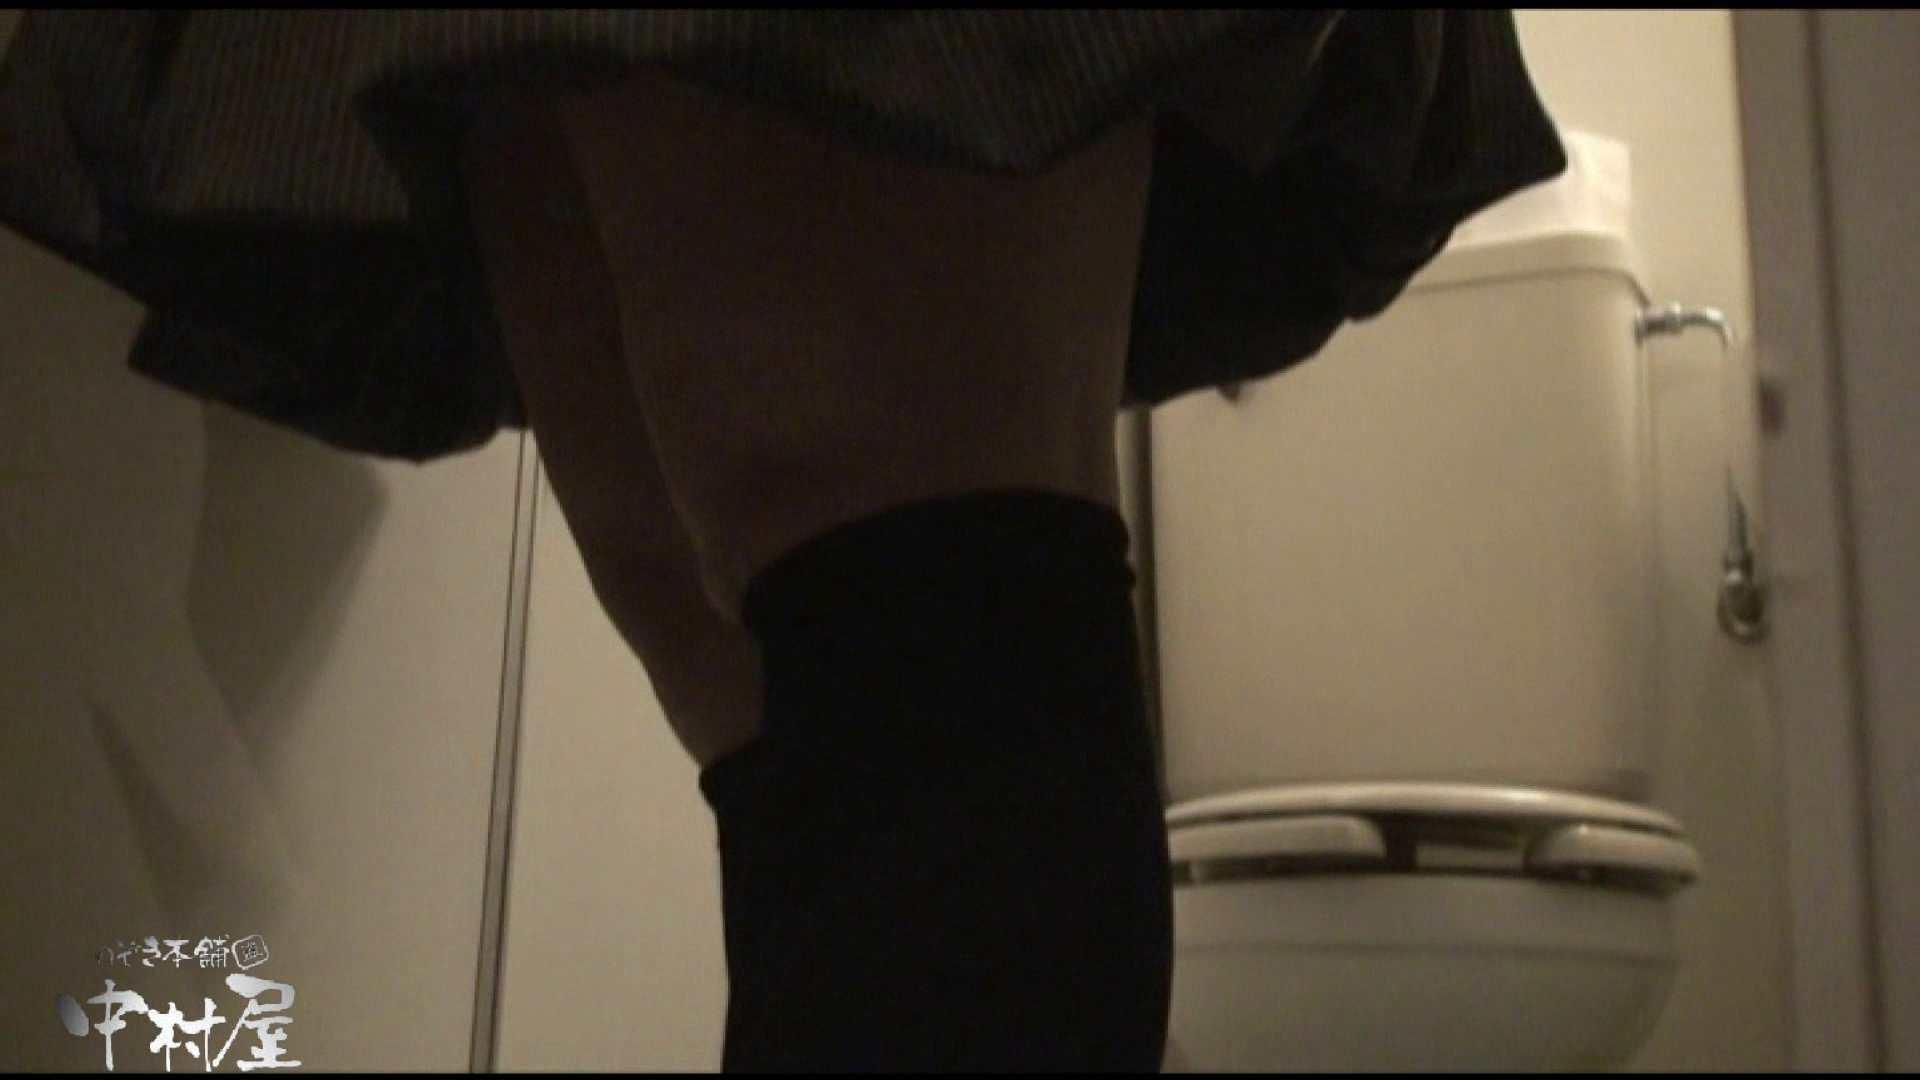 飛び出す黄金水!!!アトレ潜入 かわや盗撮 vol.03 潜入 性交動画流出 37PICs 18